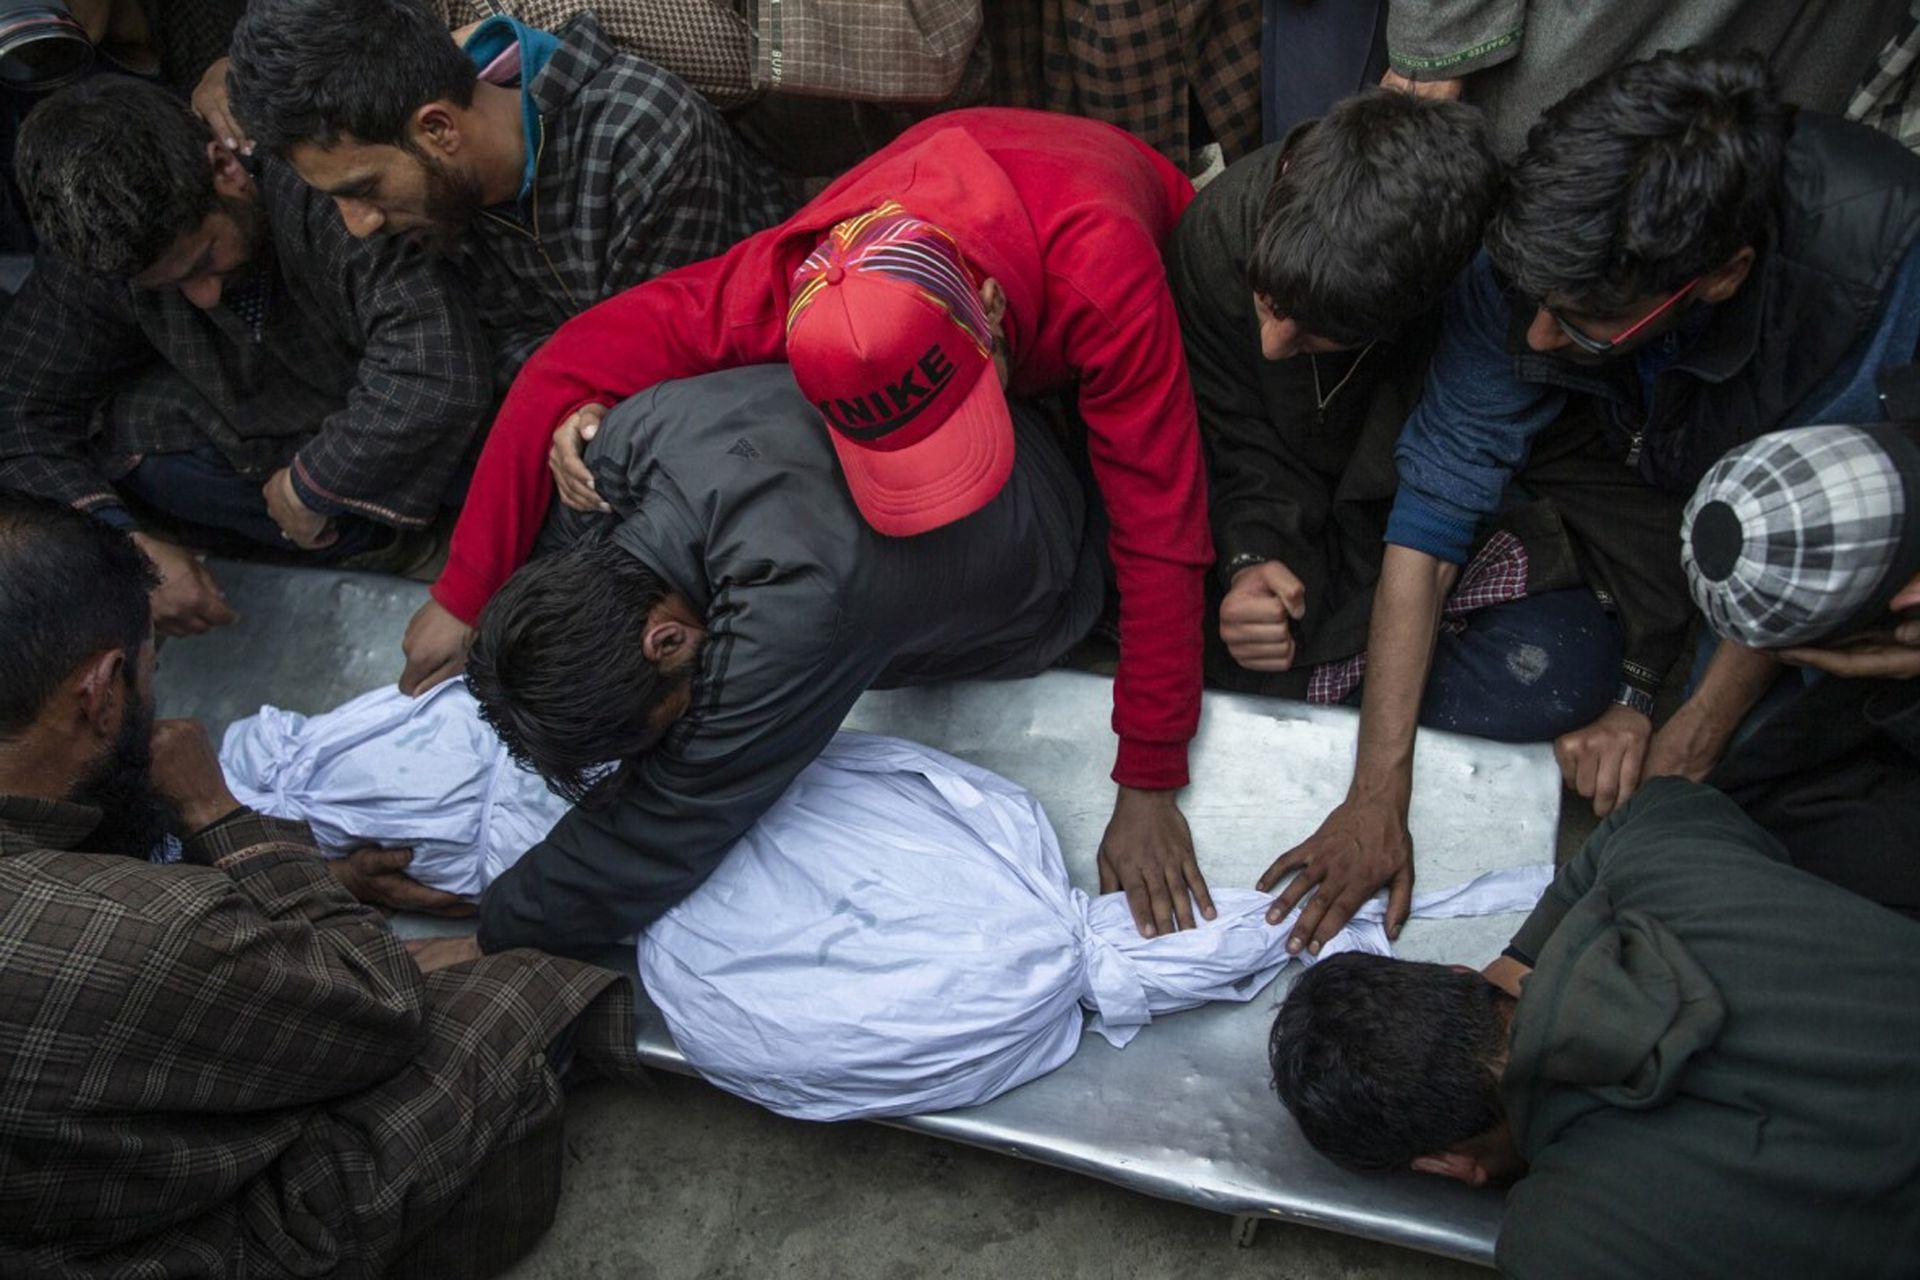 Los aldeanos de Cachemira se lamentan cerca del cuerpo de un niño de 11 años, Aatif Mir, durante su procesión fúnebre en la aldea de Hajin, al norte de Srinagar,el niño murió durante enfrentamientos armados